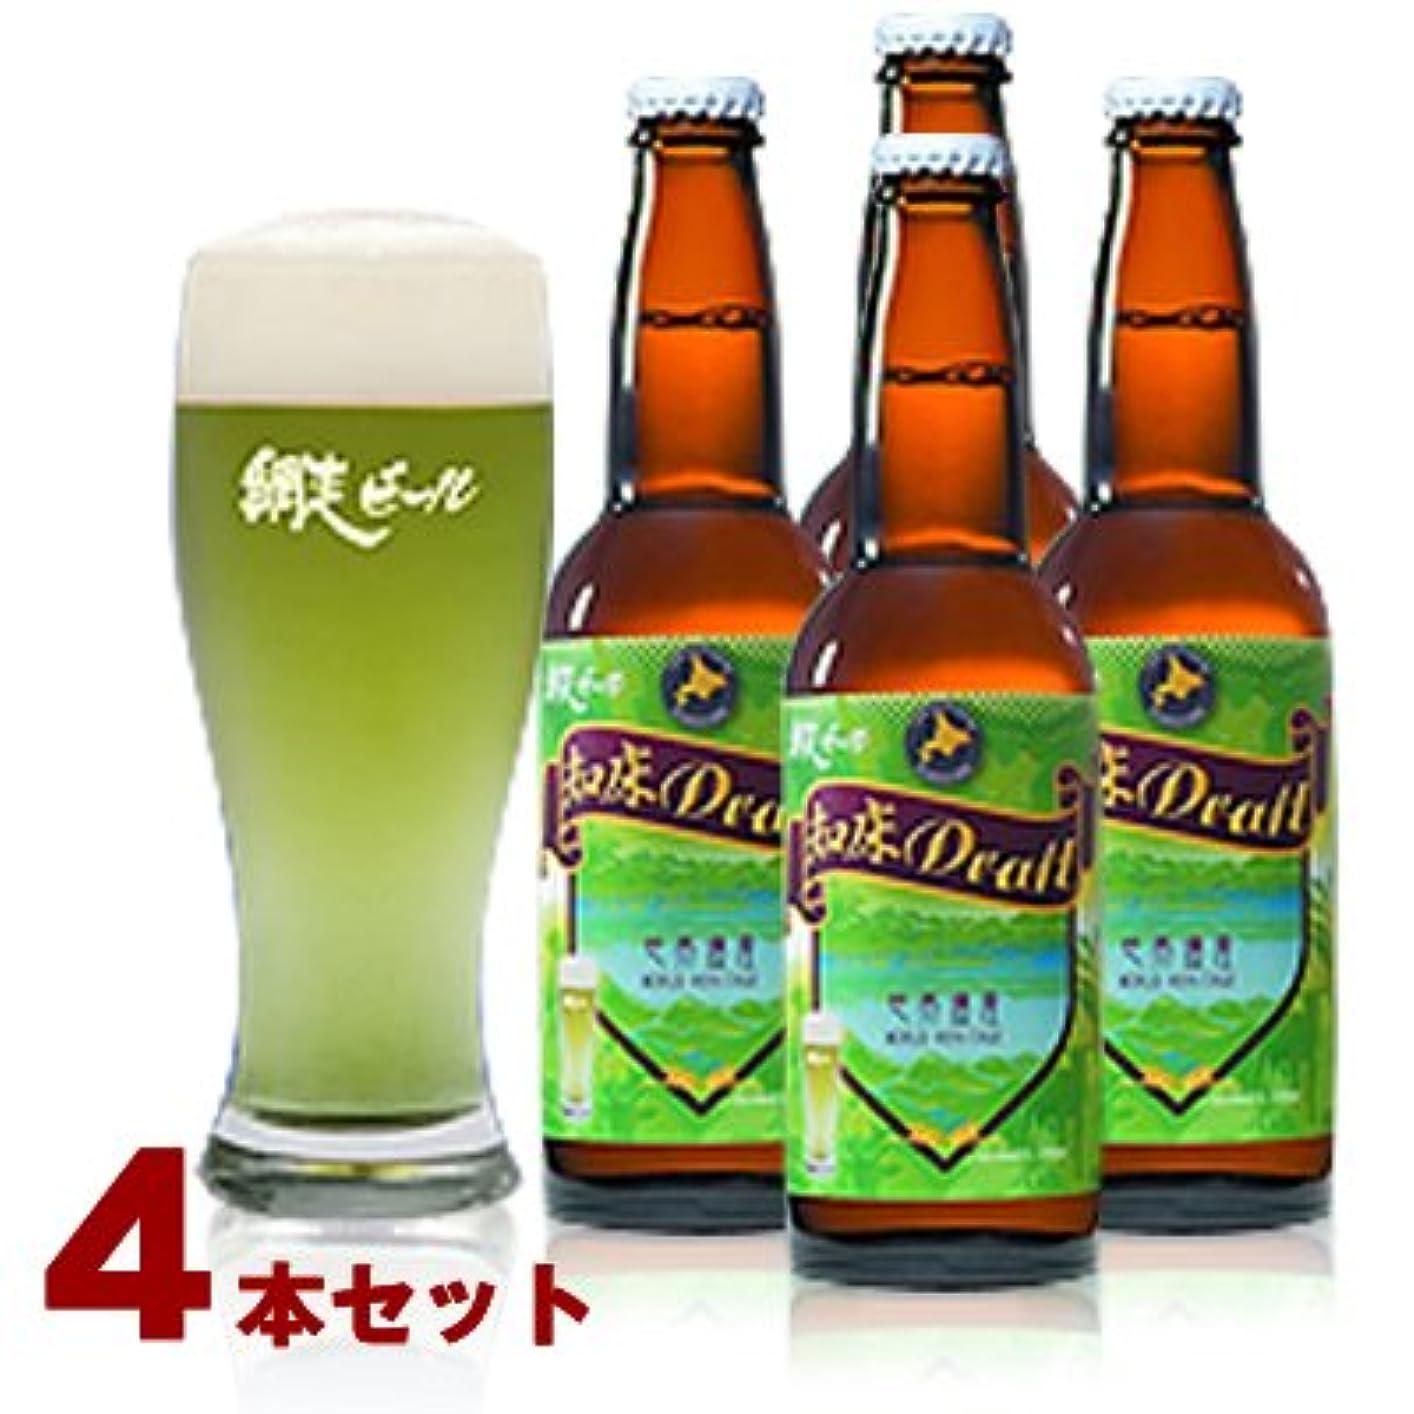 北海道で大人気の地ビール 「網走ビール 知床ドラフト4本セット」